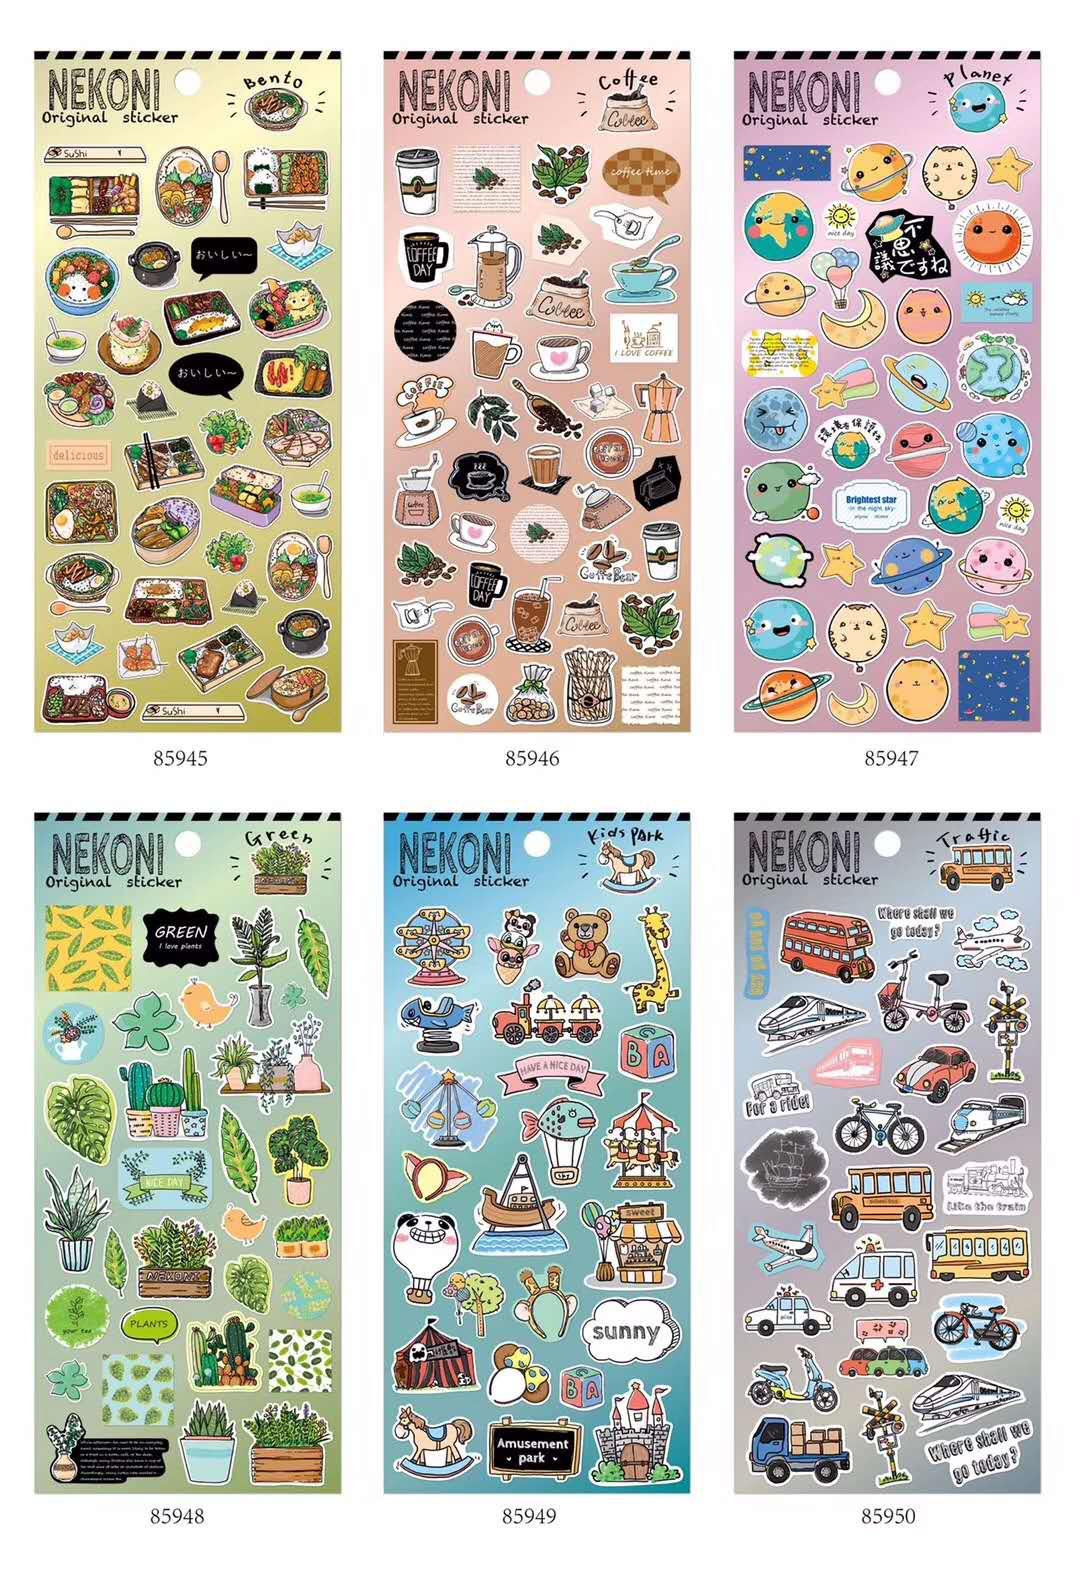 20 наборов милые наклейки из мультфильмов серии дневник планировщик декоративные мобильные наклейки DIY Ремесло Скрапбукинг наклейки